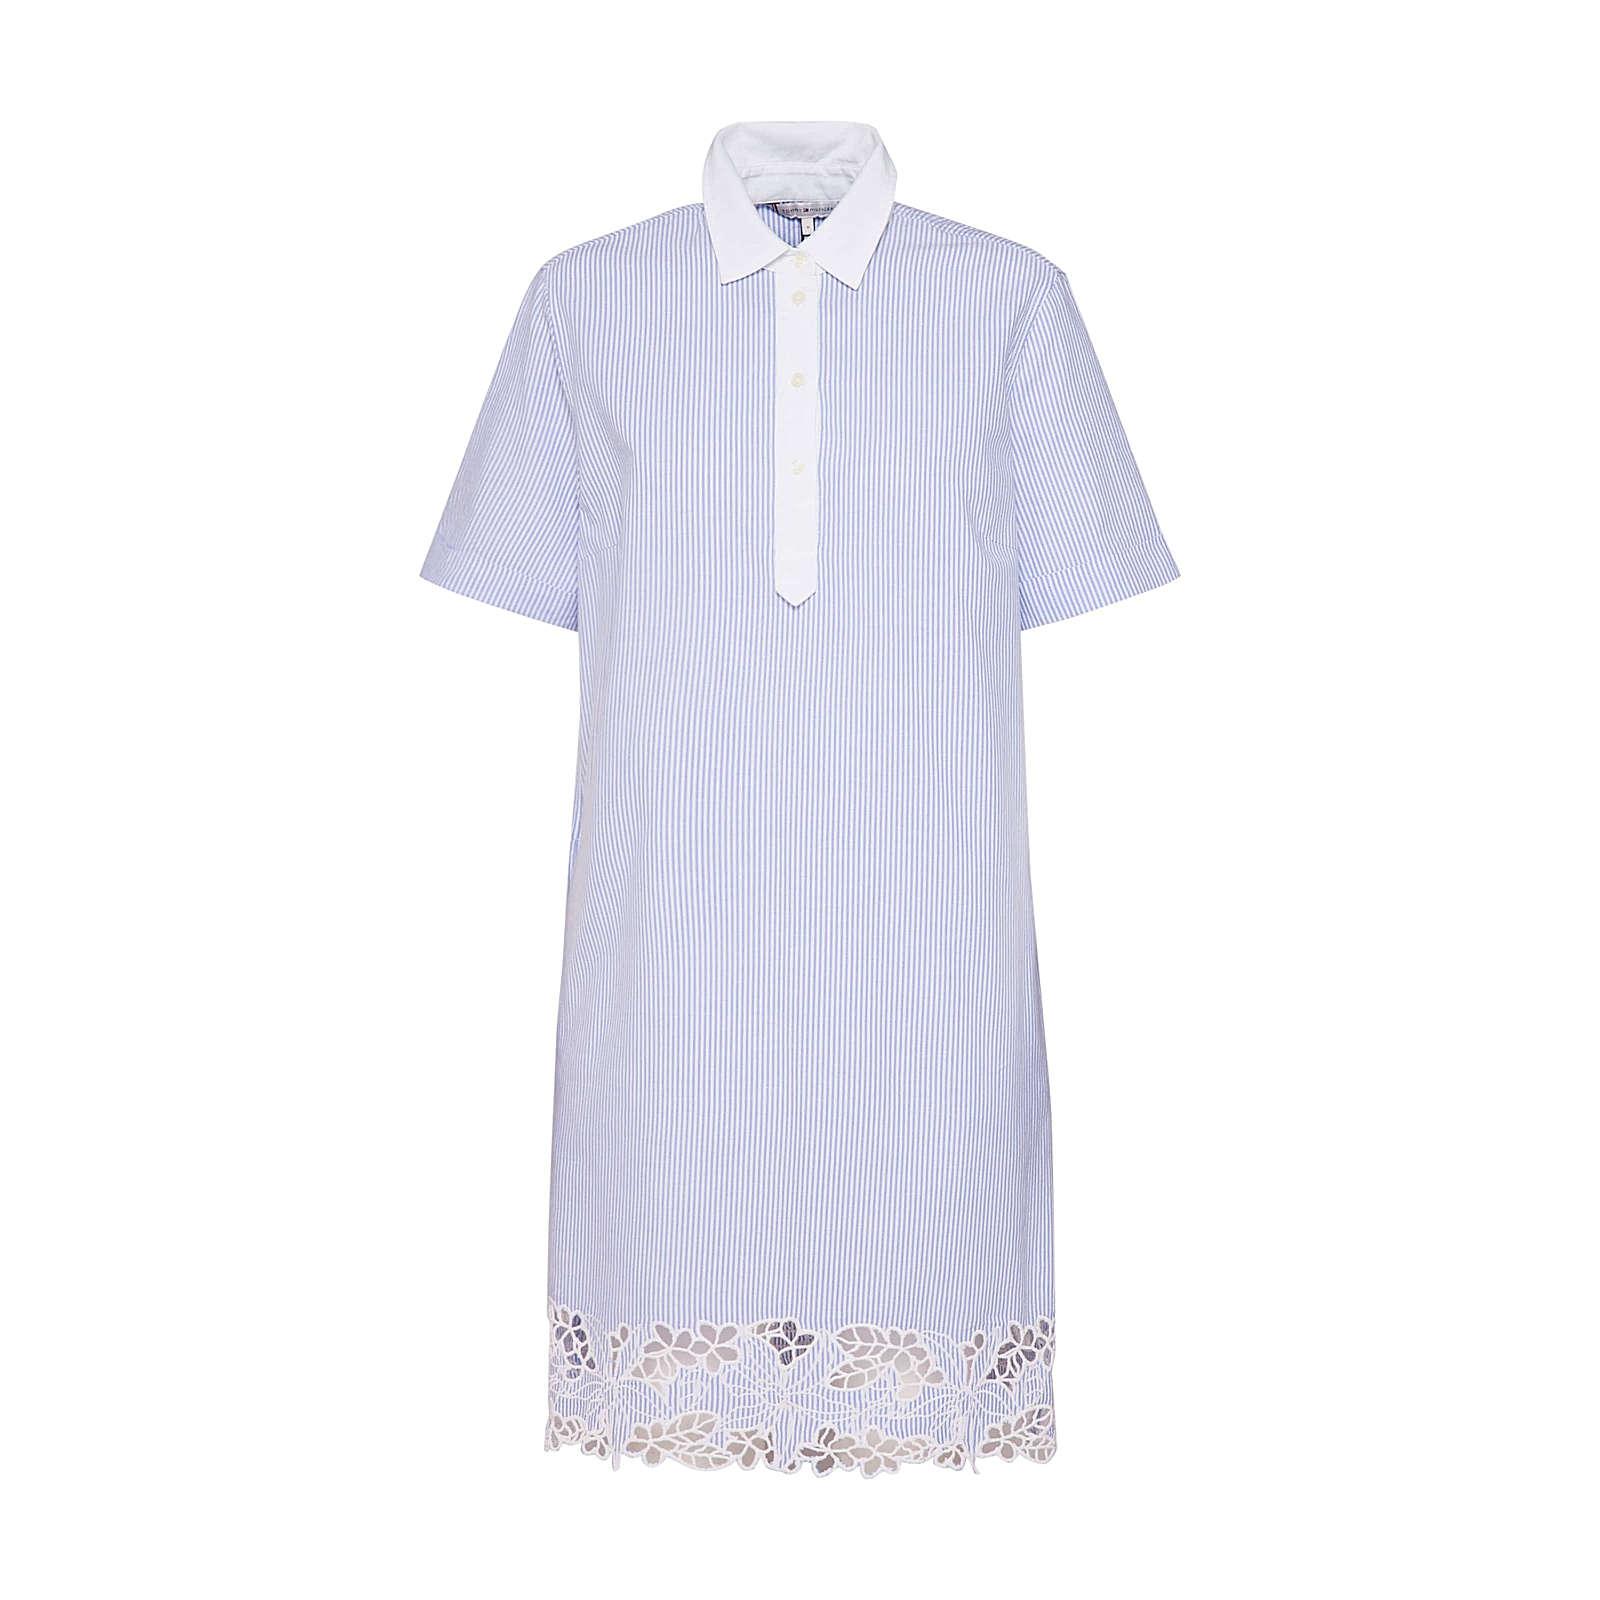 TOMMY HILFIGER Blusenkleid Evie Blusenkleider weiß Damen Gr. 36